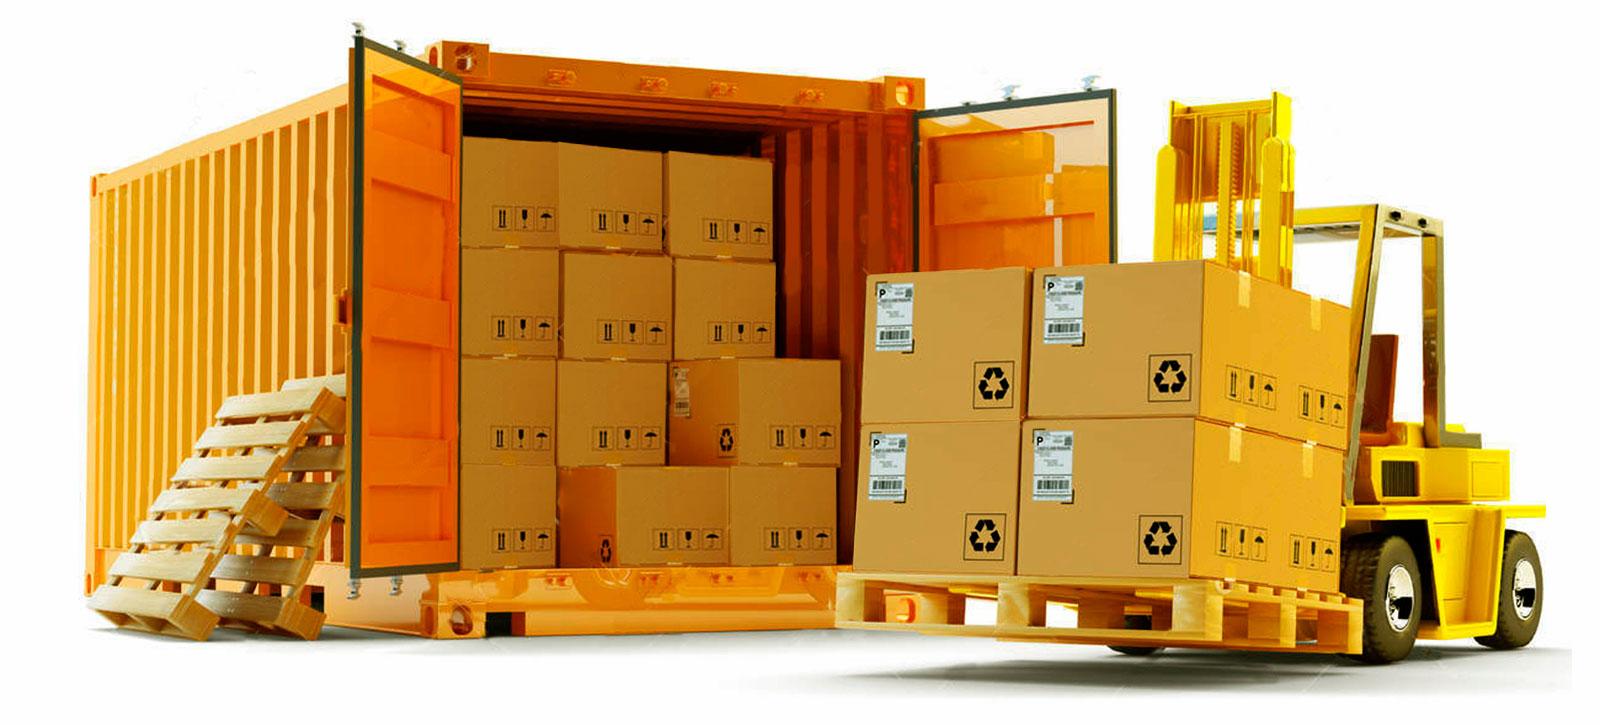 Контейнеры с импортным товаром